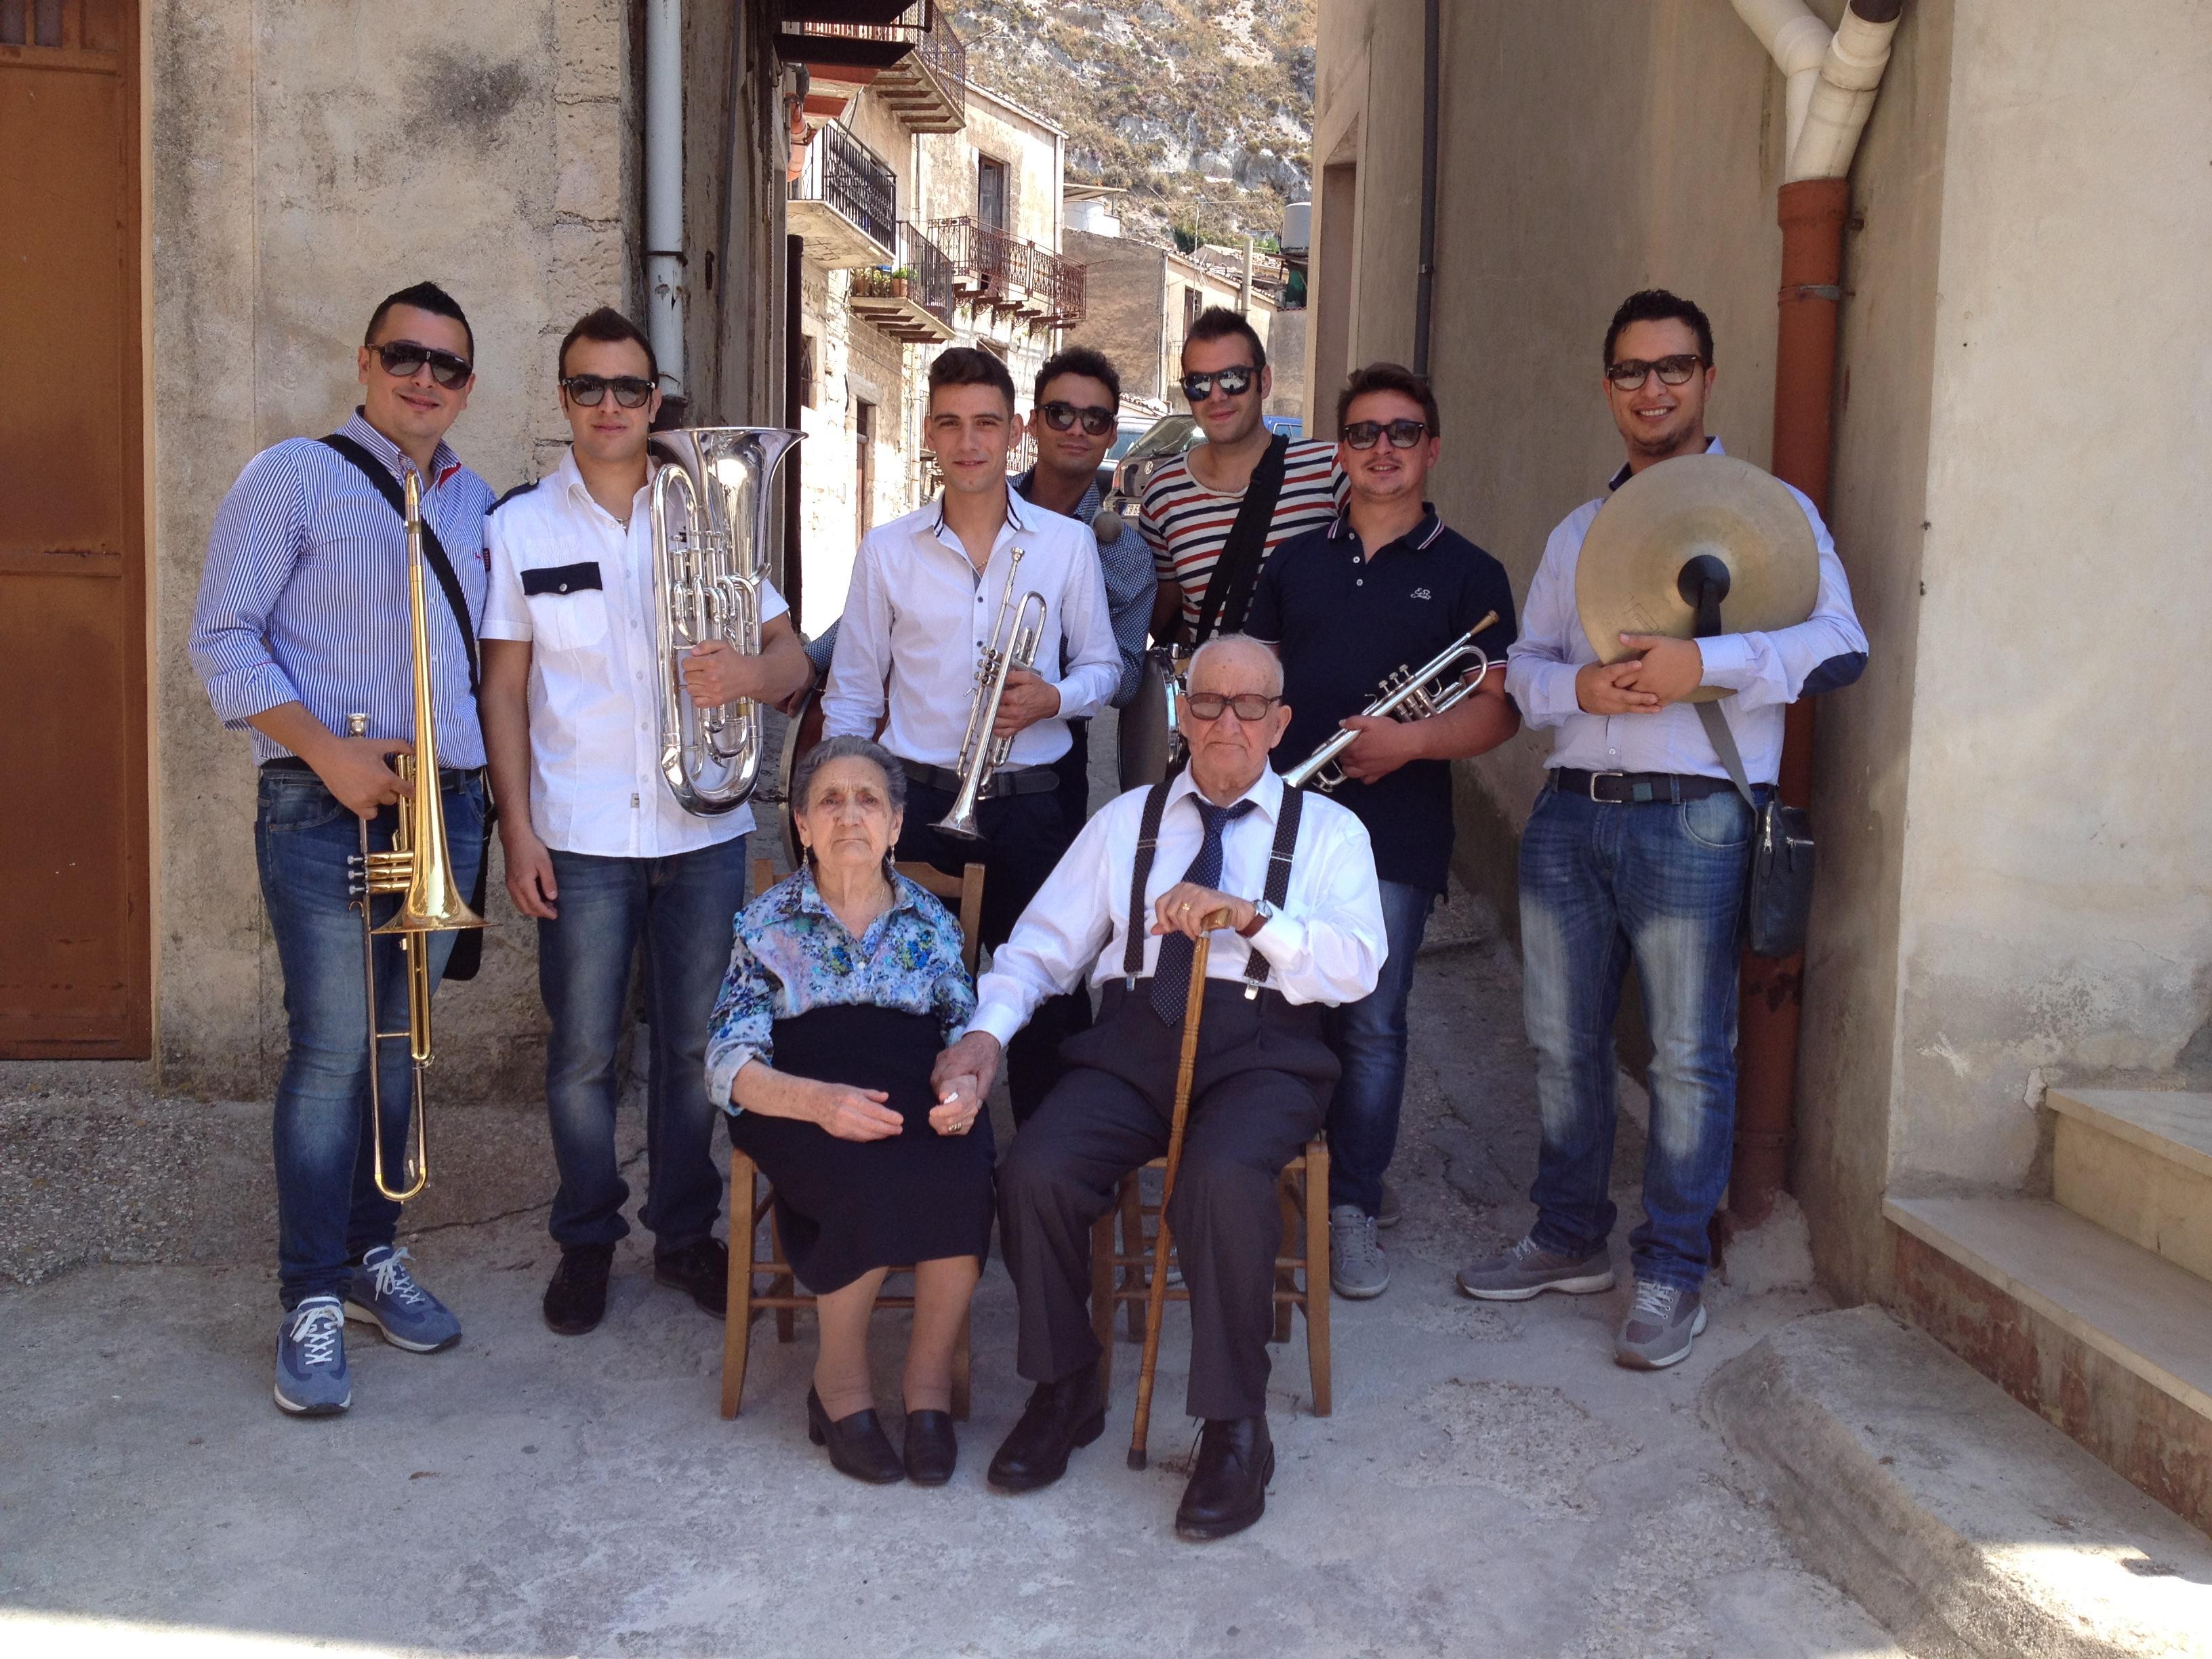 Caltabellotta centenario Mariano Grisafi con banda